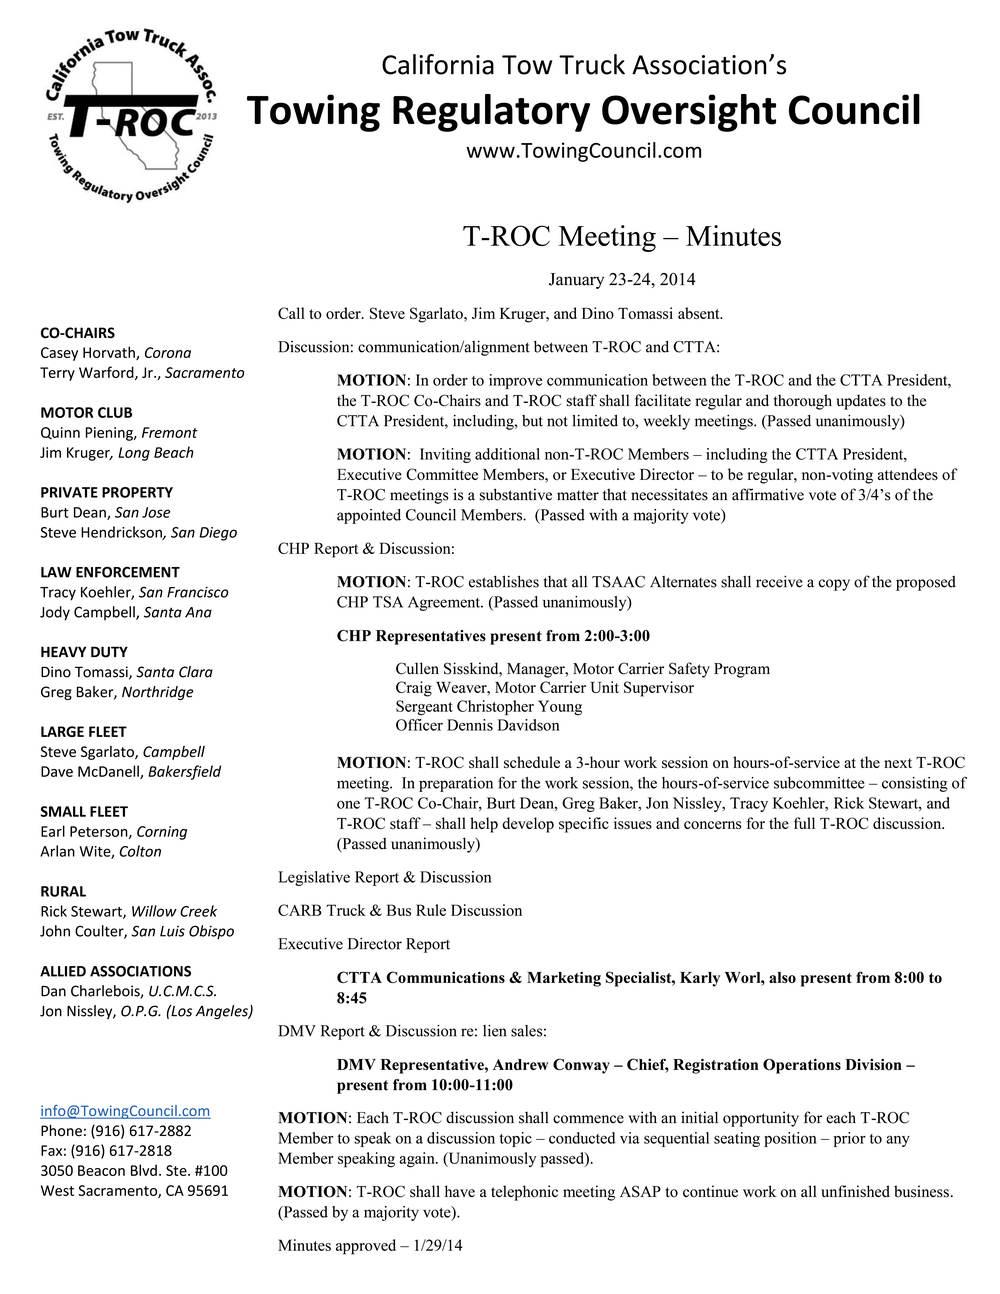 T-ROC_Minutes_Jan2324.jpg